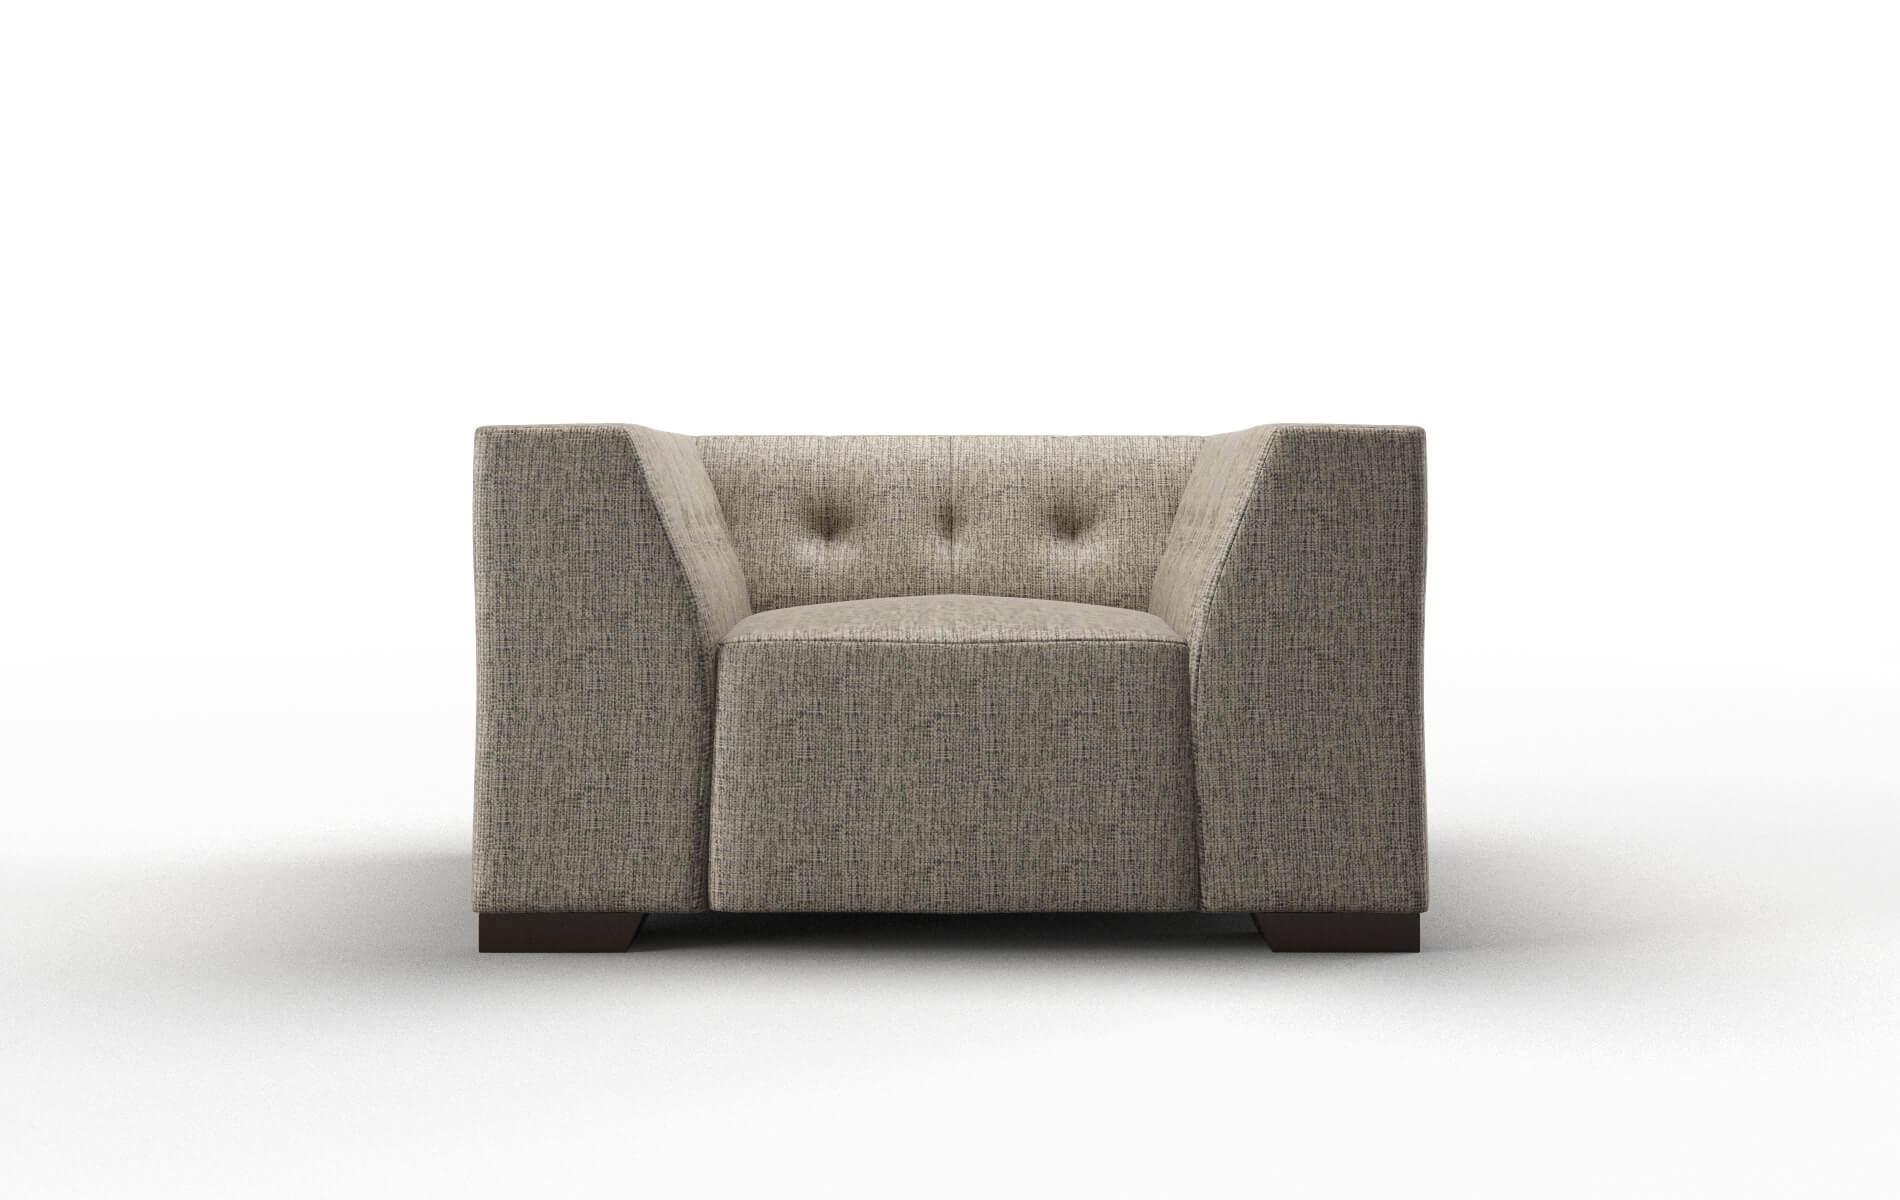 Palermo Solifestyle 51 Chair espresso legs 1